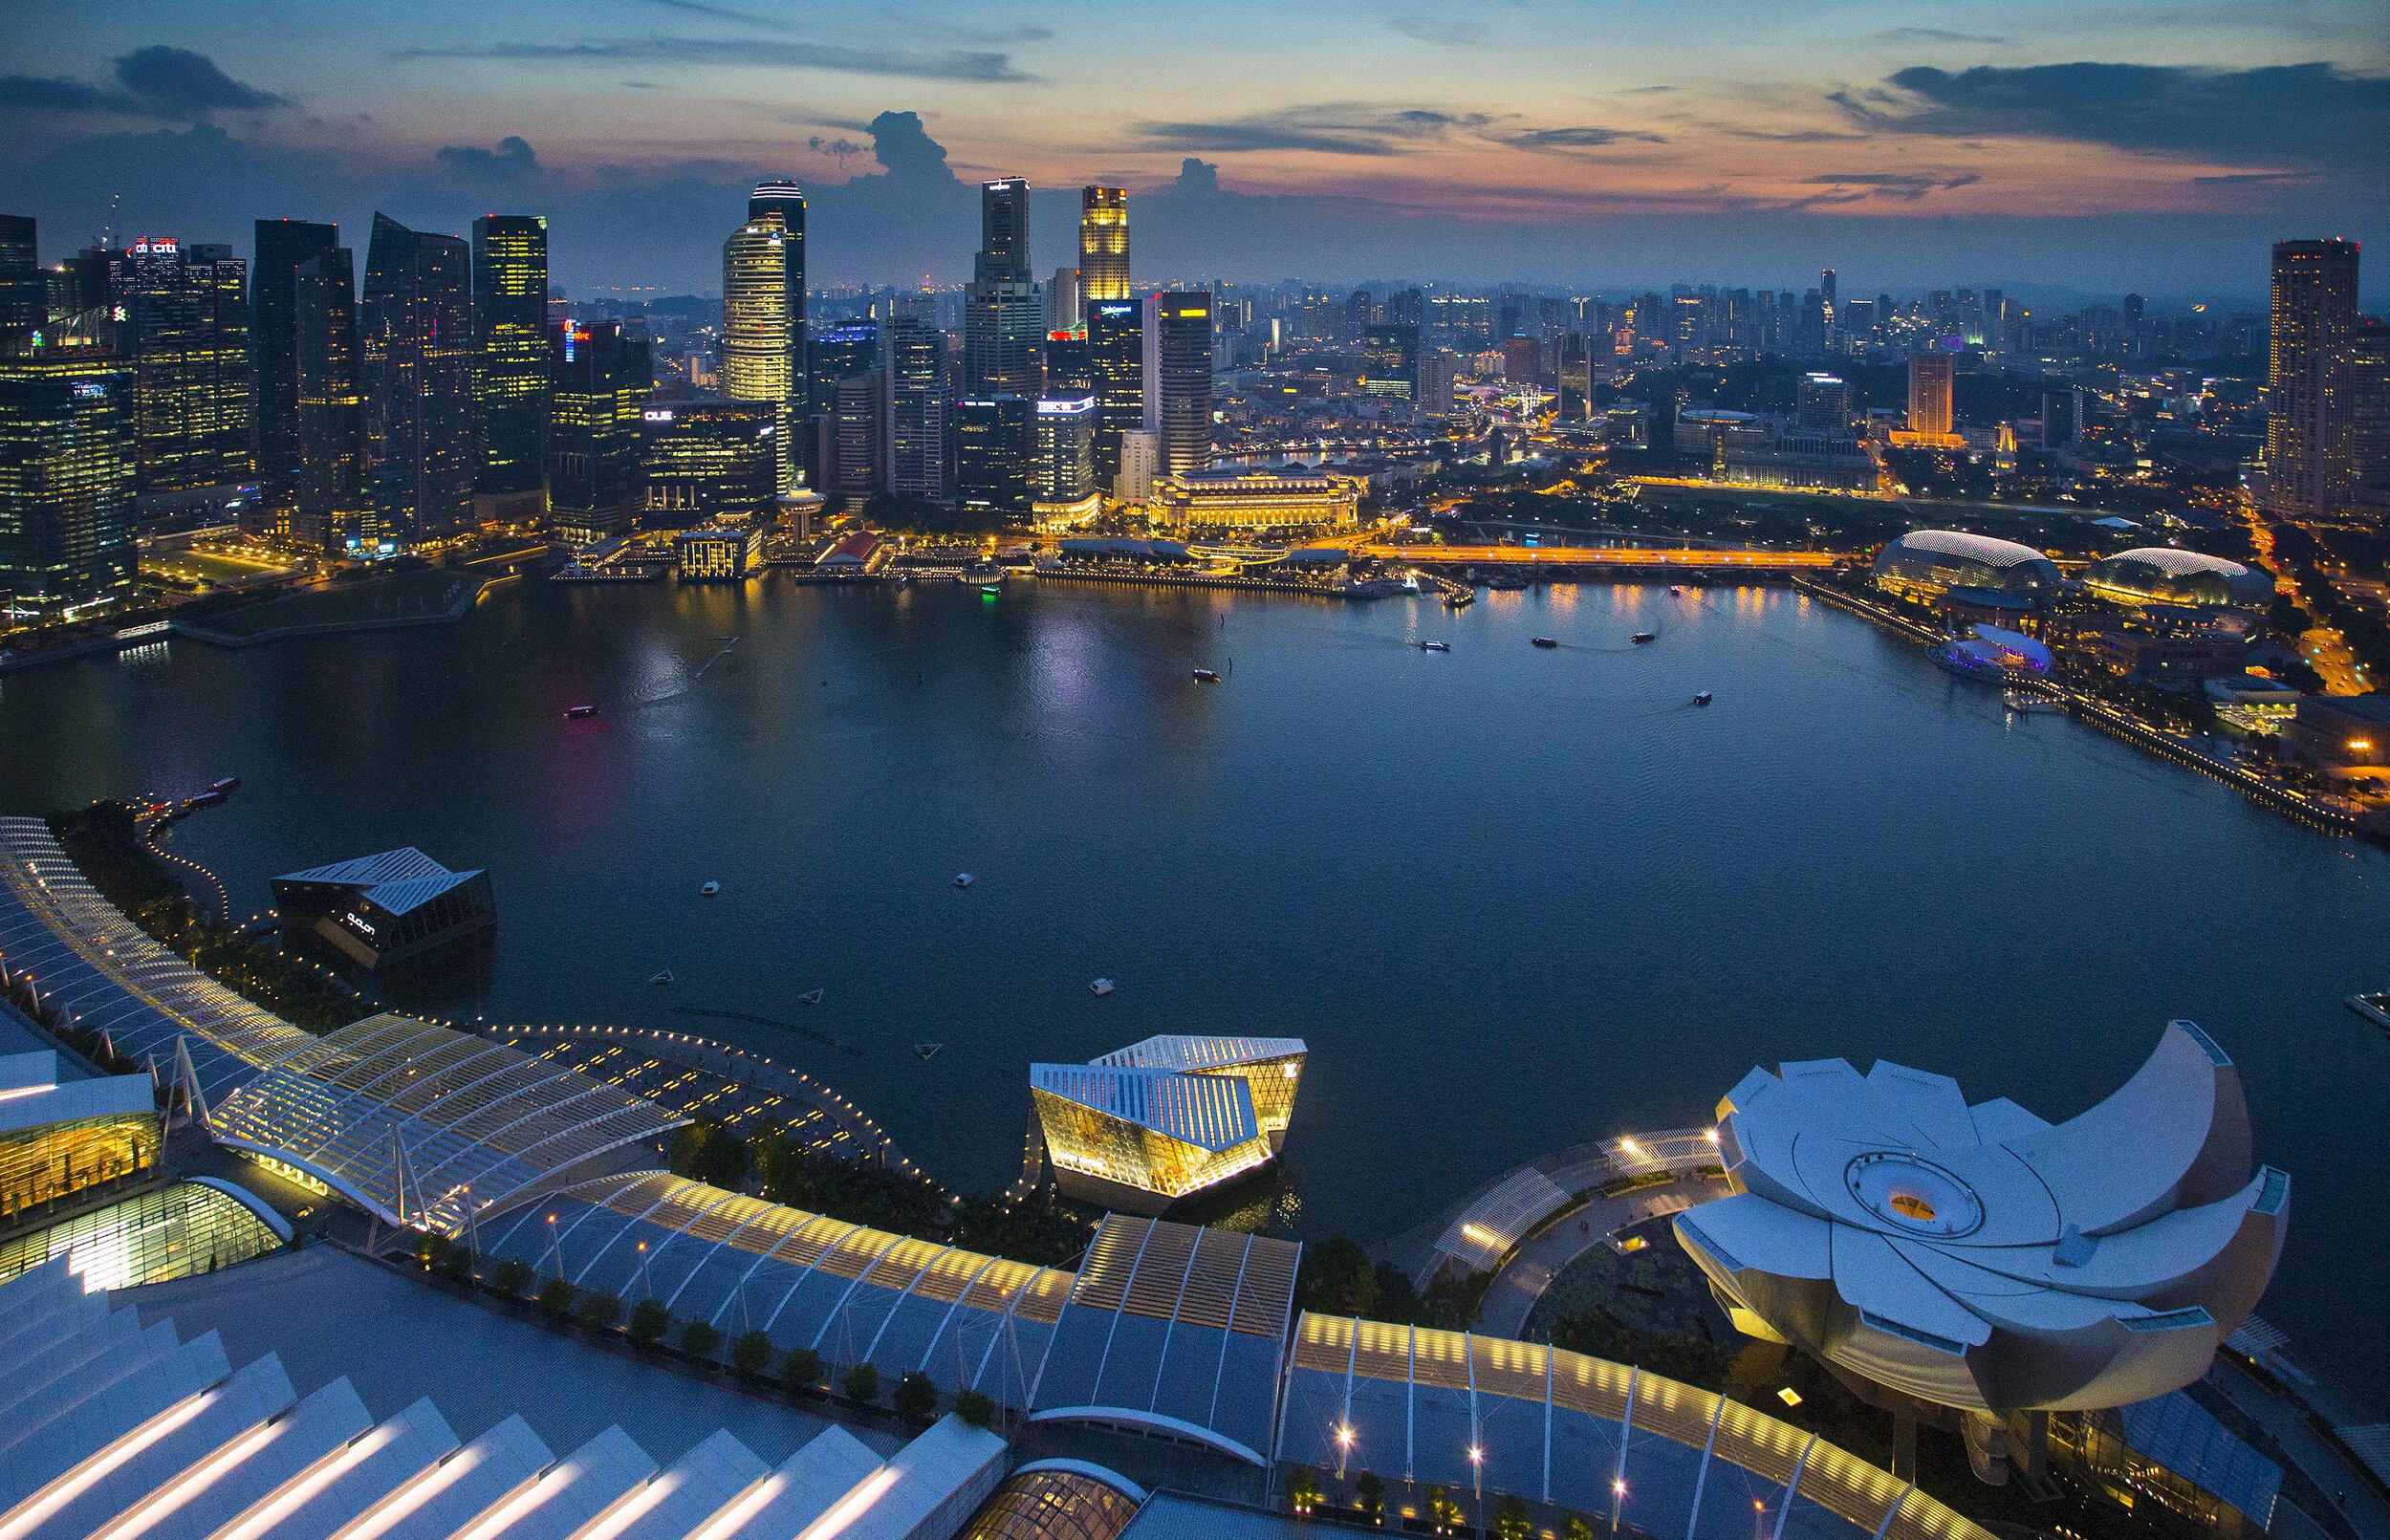 singapore-skyline-with-topview-twilight_SDeIaxunfe.jpg